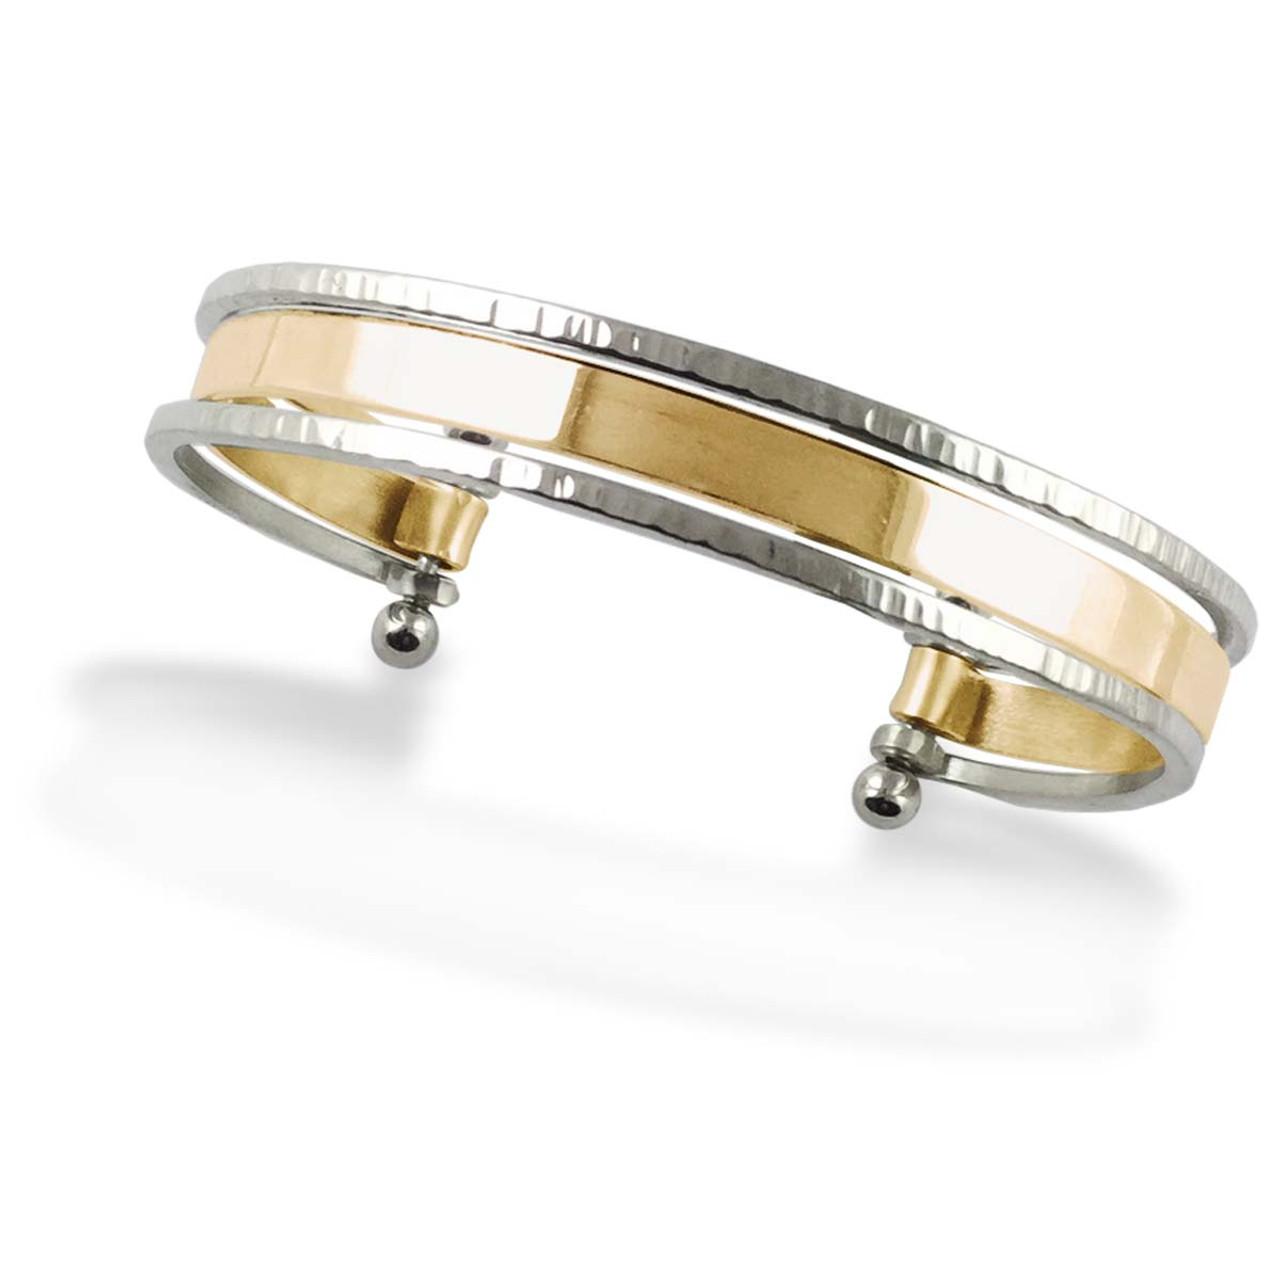 c113e77dd0a Sterling Silver & 14k Gold Stacked Cuff Bracelet - JH Breakell & Co.